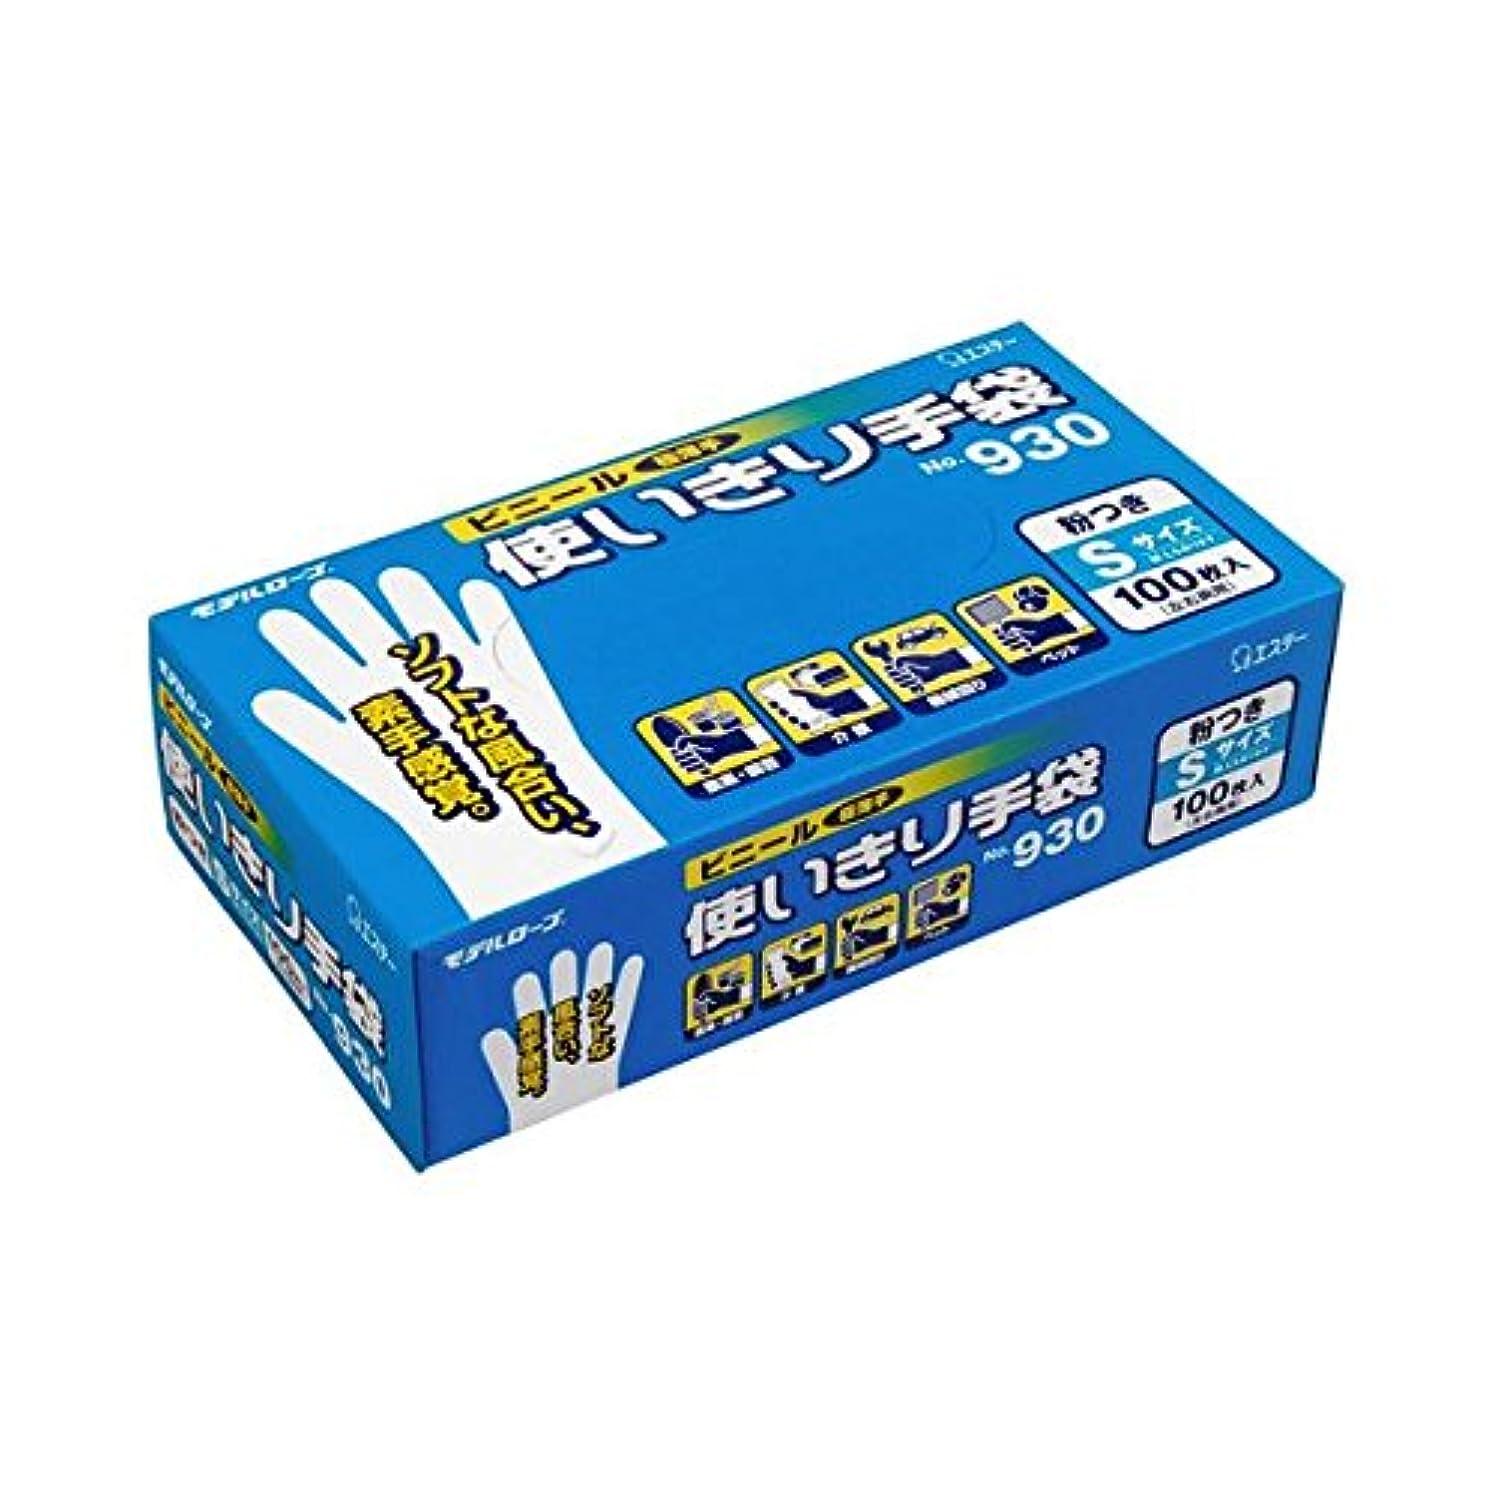 吸収ヒープ副産物エステー No.930 ビニール使いきり手袋(粉付) S 1箱(100枚) (×5セット)